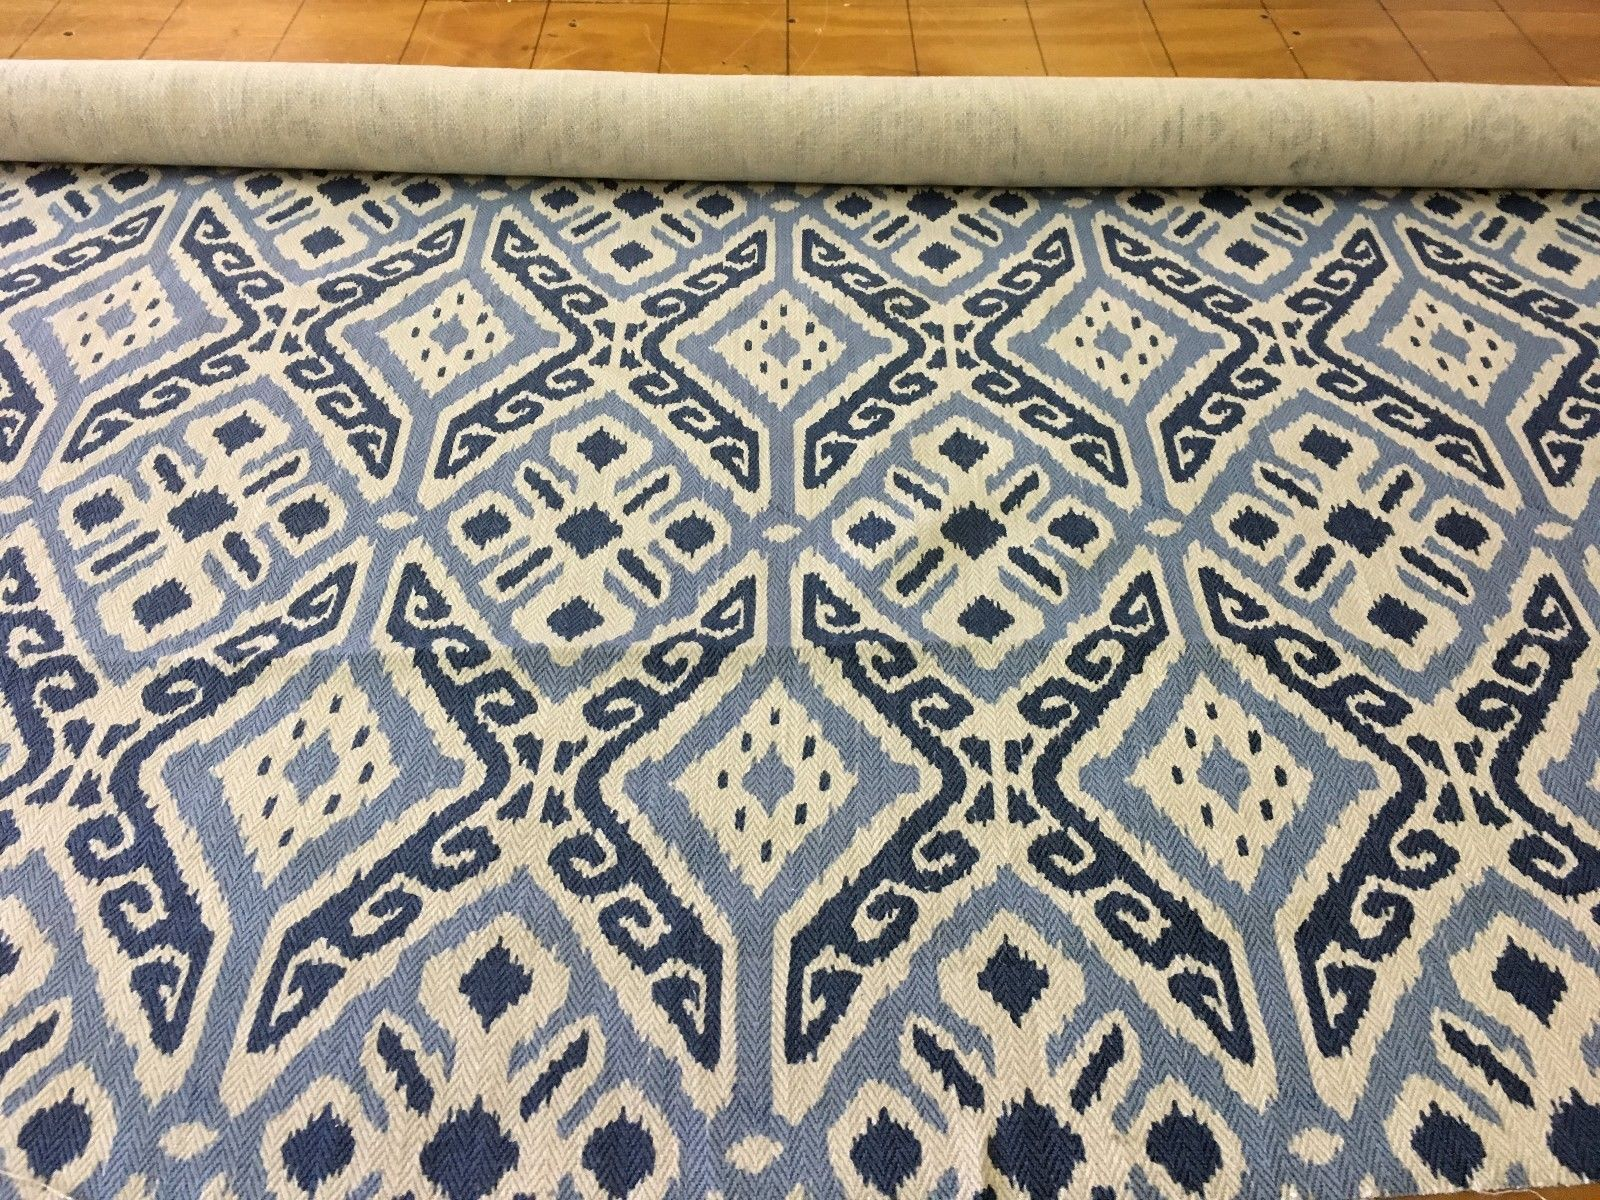 2.375 yds Kravet Upholstery Fabric Blue Ikat HB